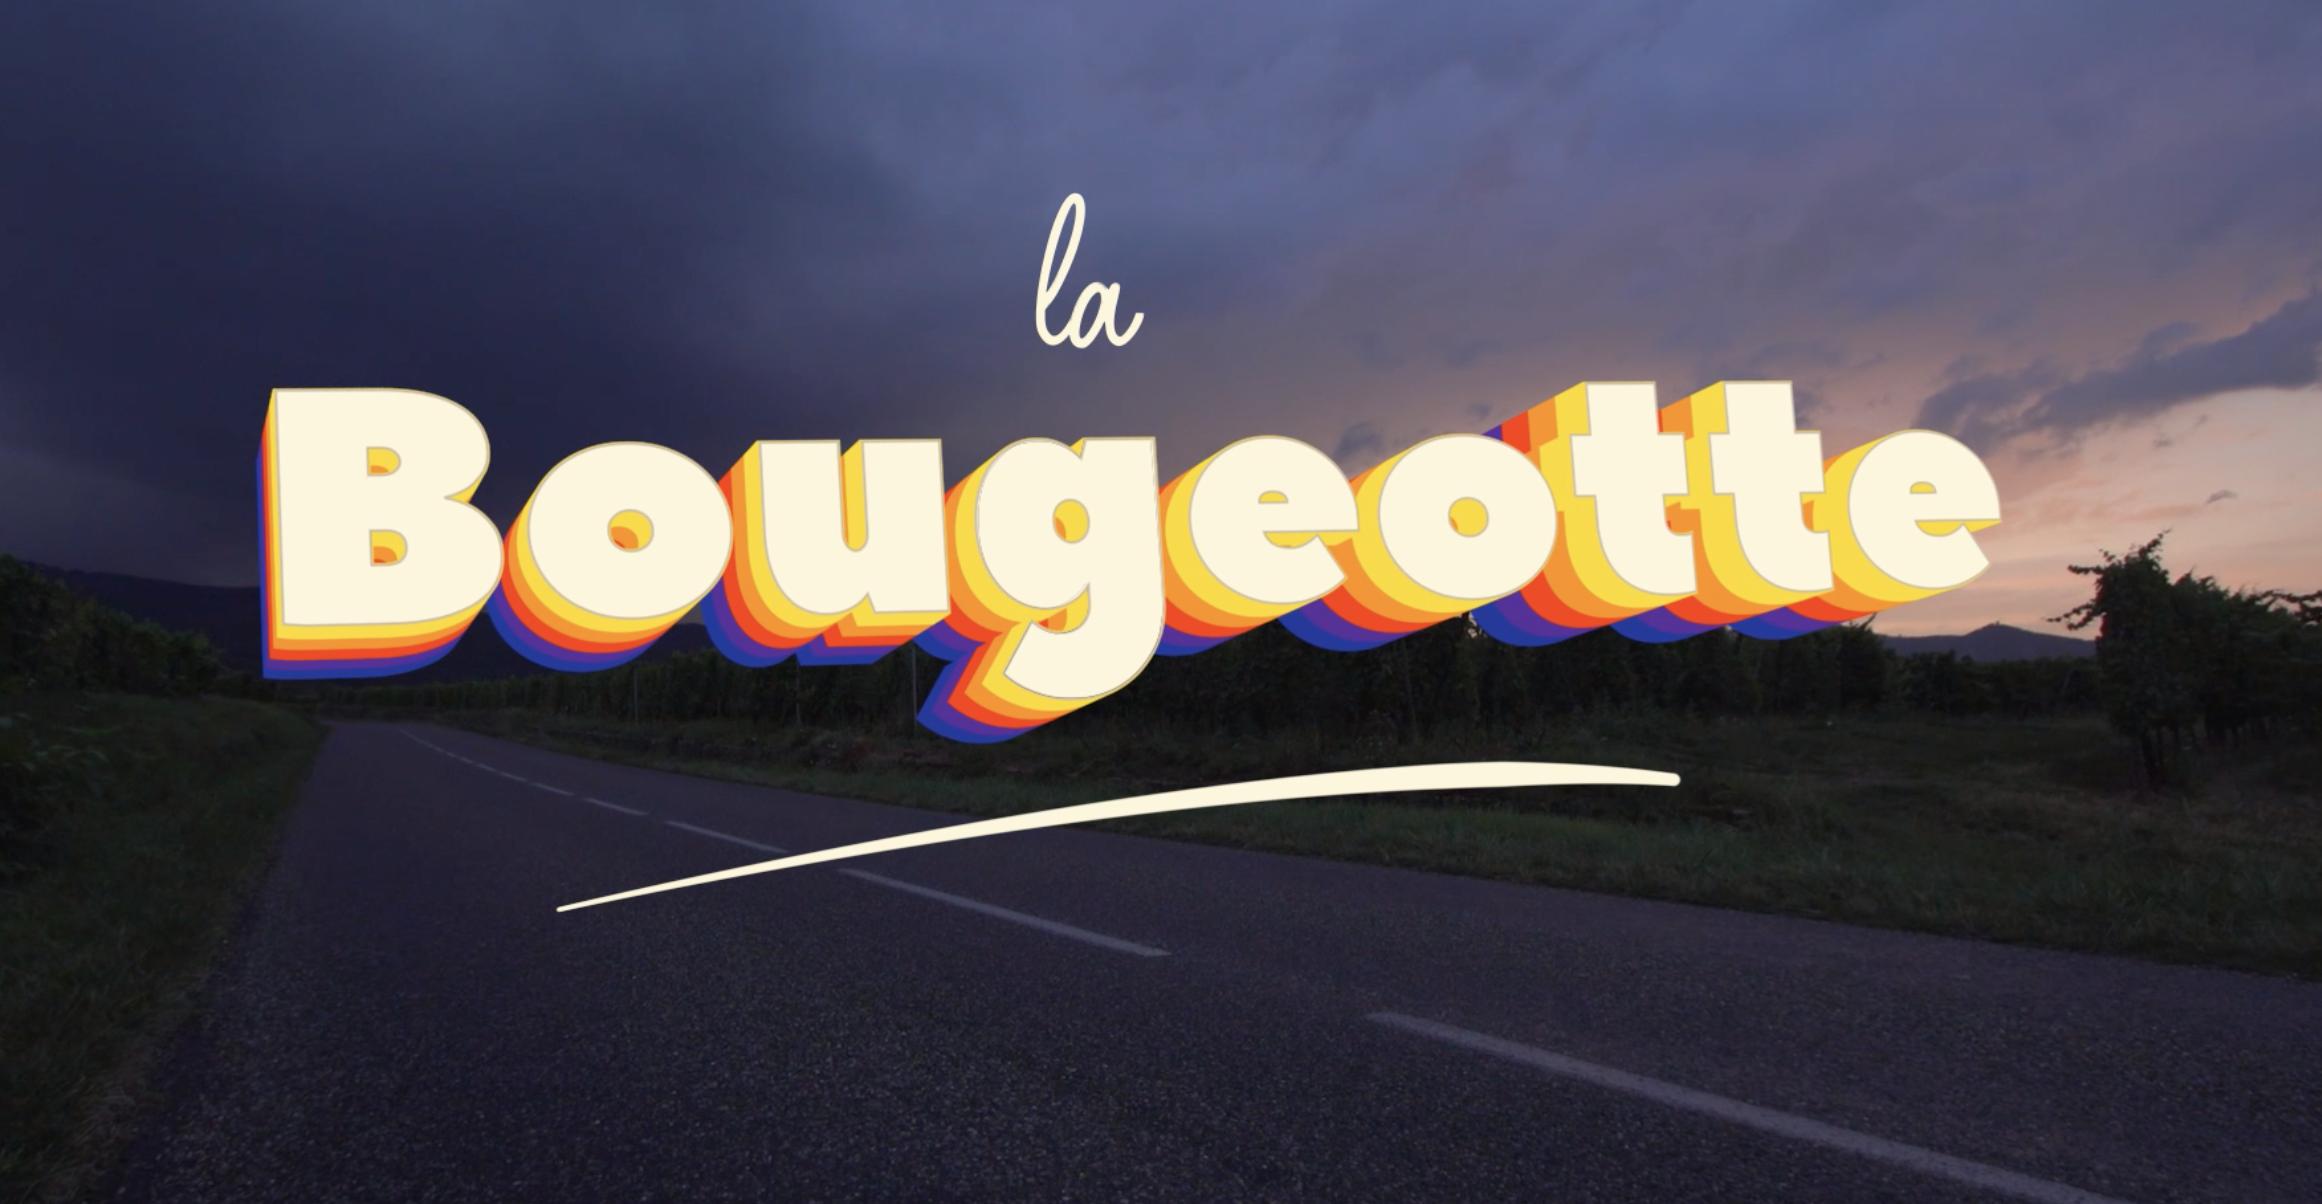 Image de l'emission La Bougeotte